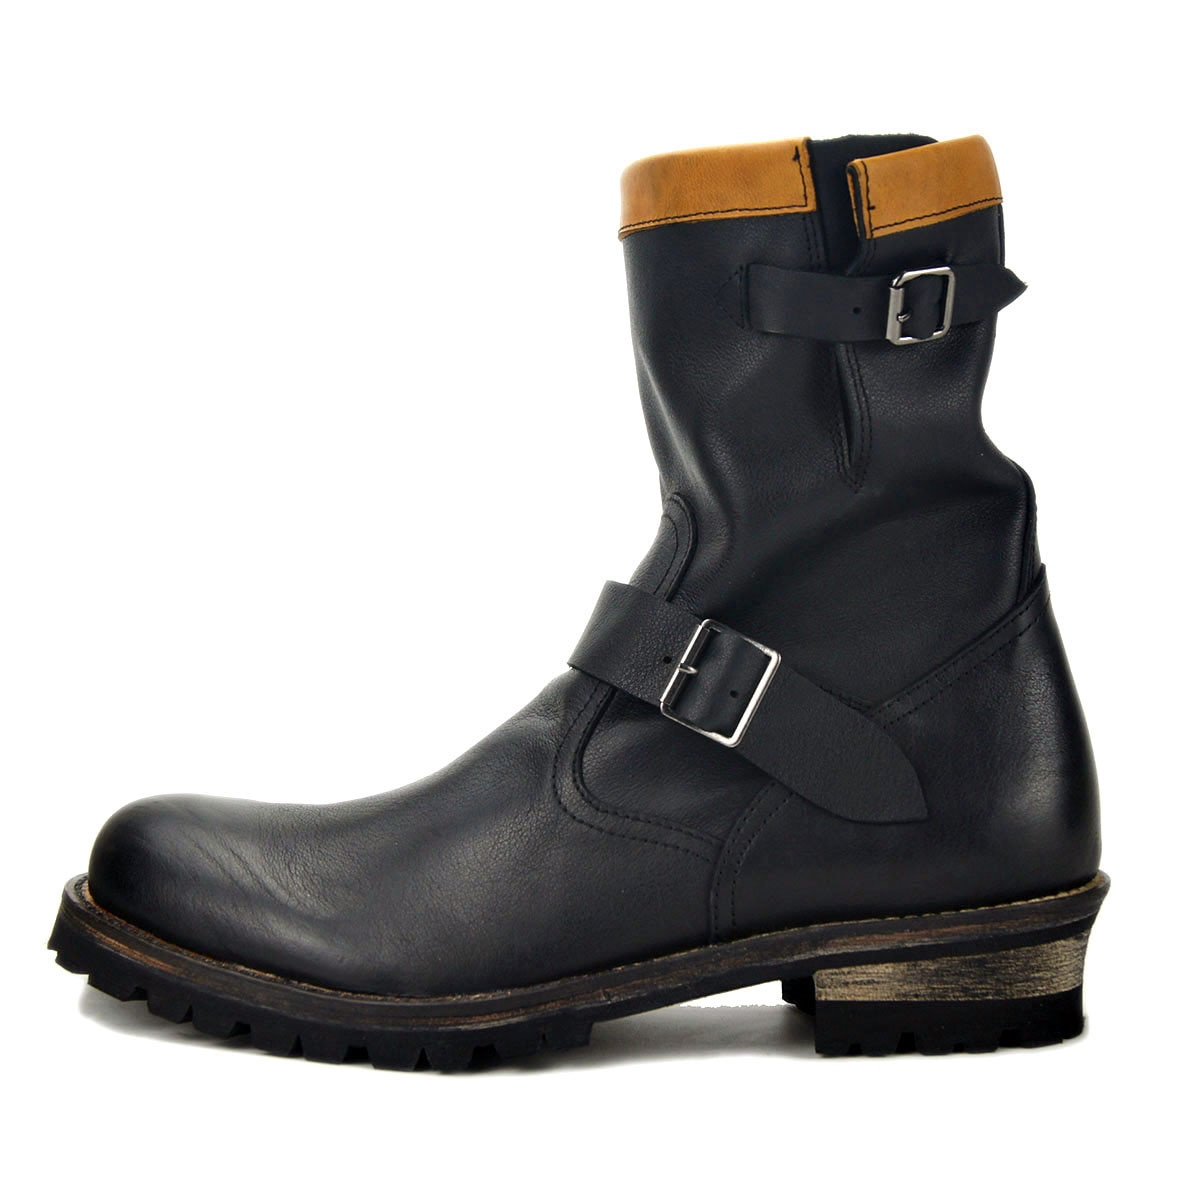 أحذية تشيلسي للرجال ، أحذية جلدية أصلية بسحاب ، أحذية مارتن ، أحذية غير رسمية مصممة ، ربيع 2019